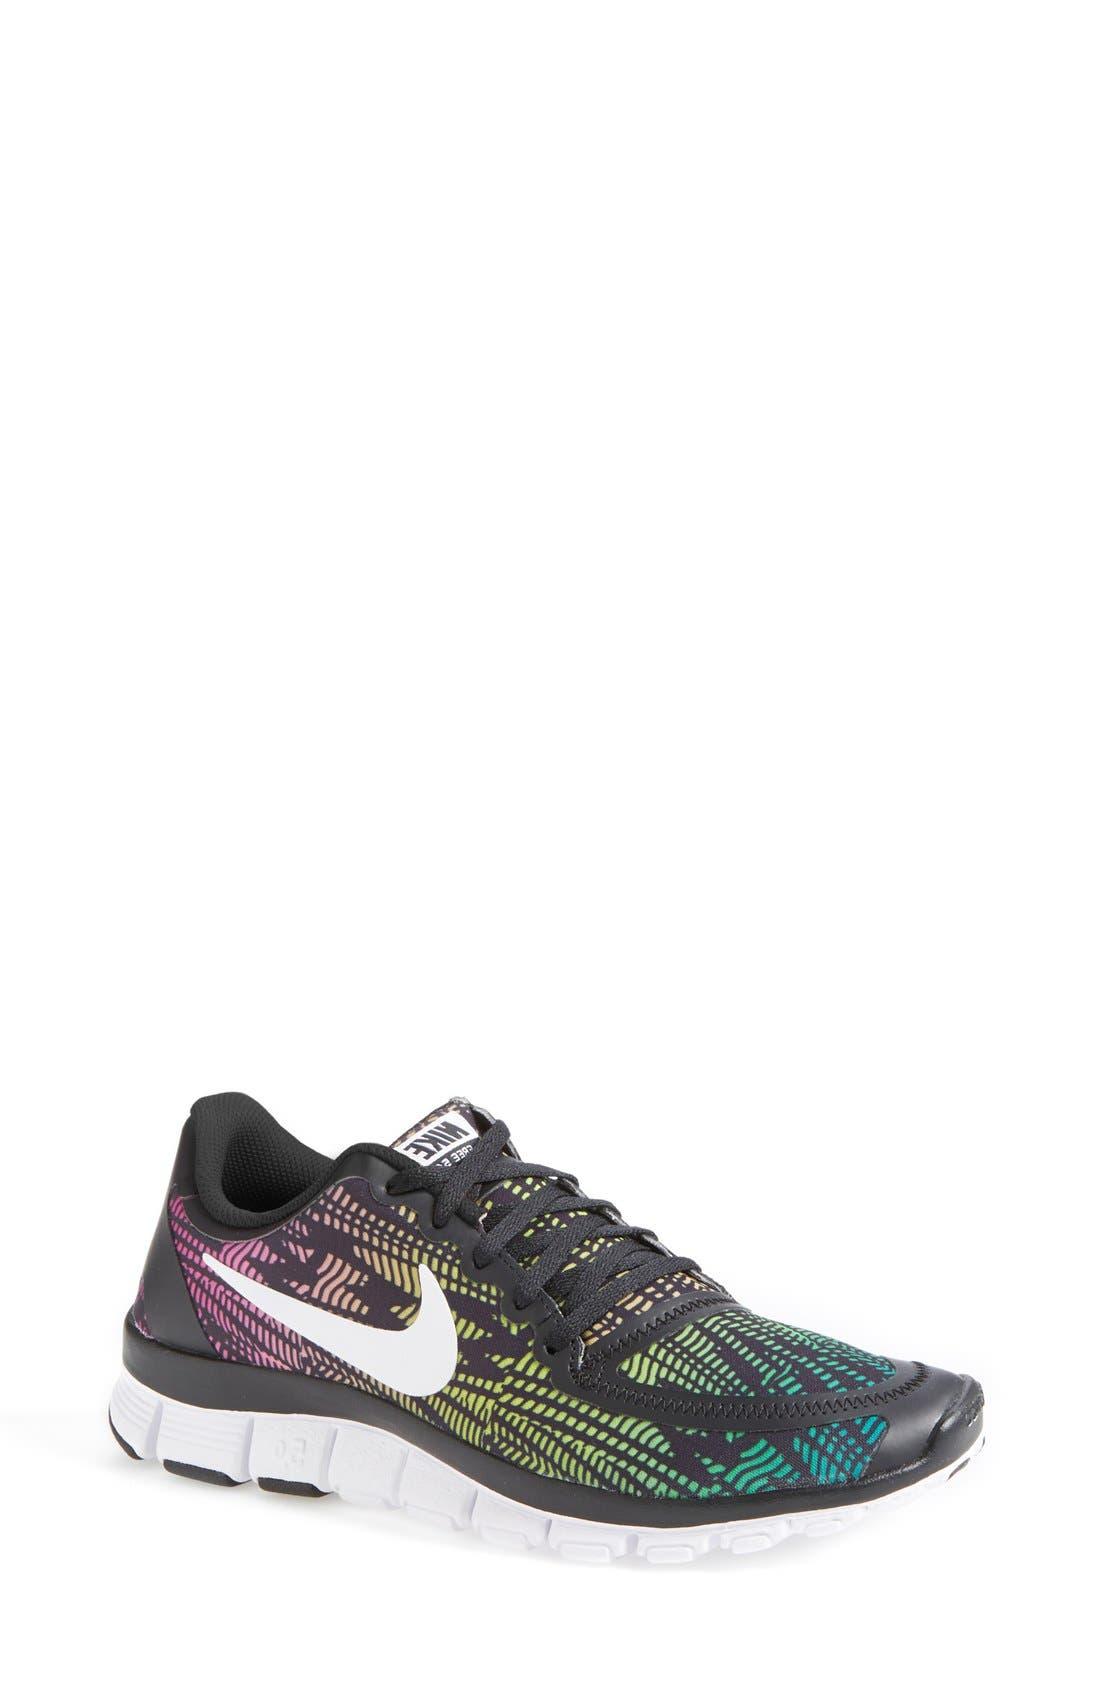 Alternate Image 1 Selected - Nike 'Free 5.0 V4' Running Shoe (Women)